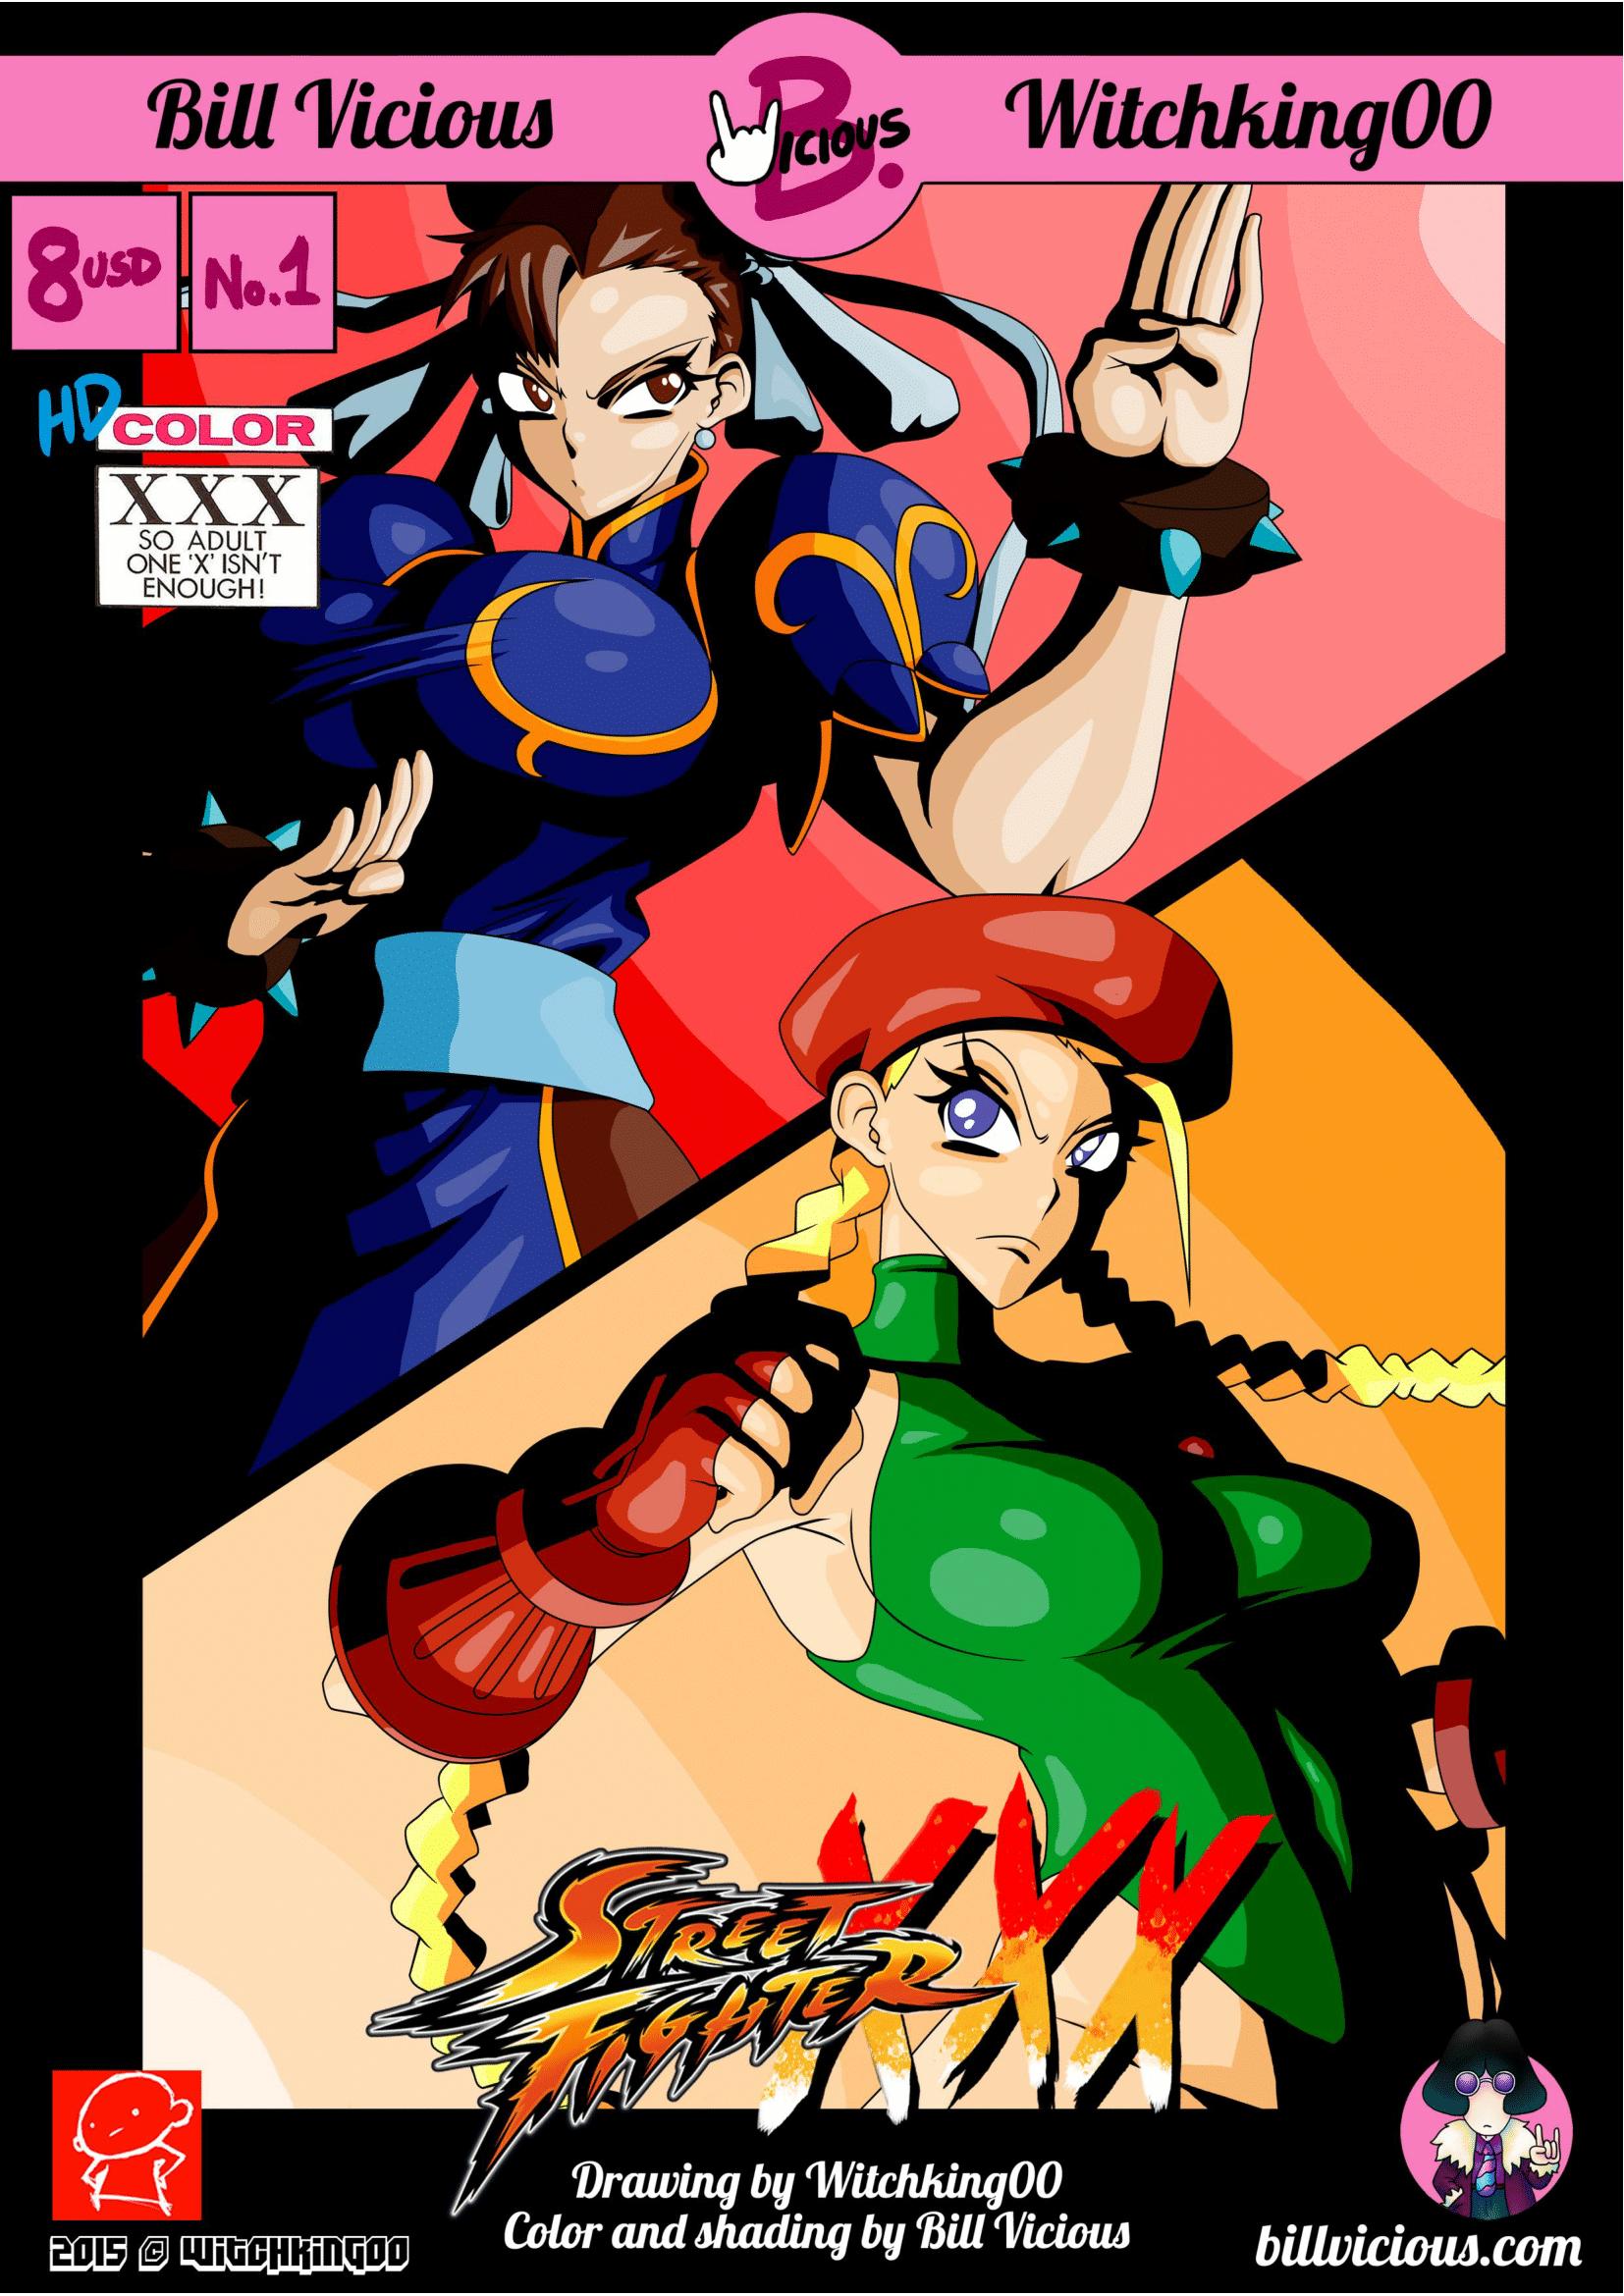 SureFap xxx porno Street Fighter - [Bill Vicious] - Street Fighter XXX